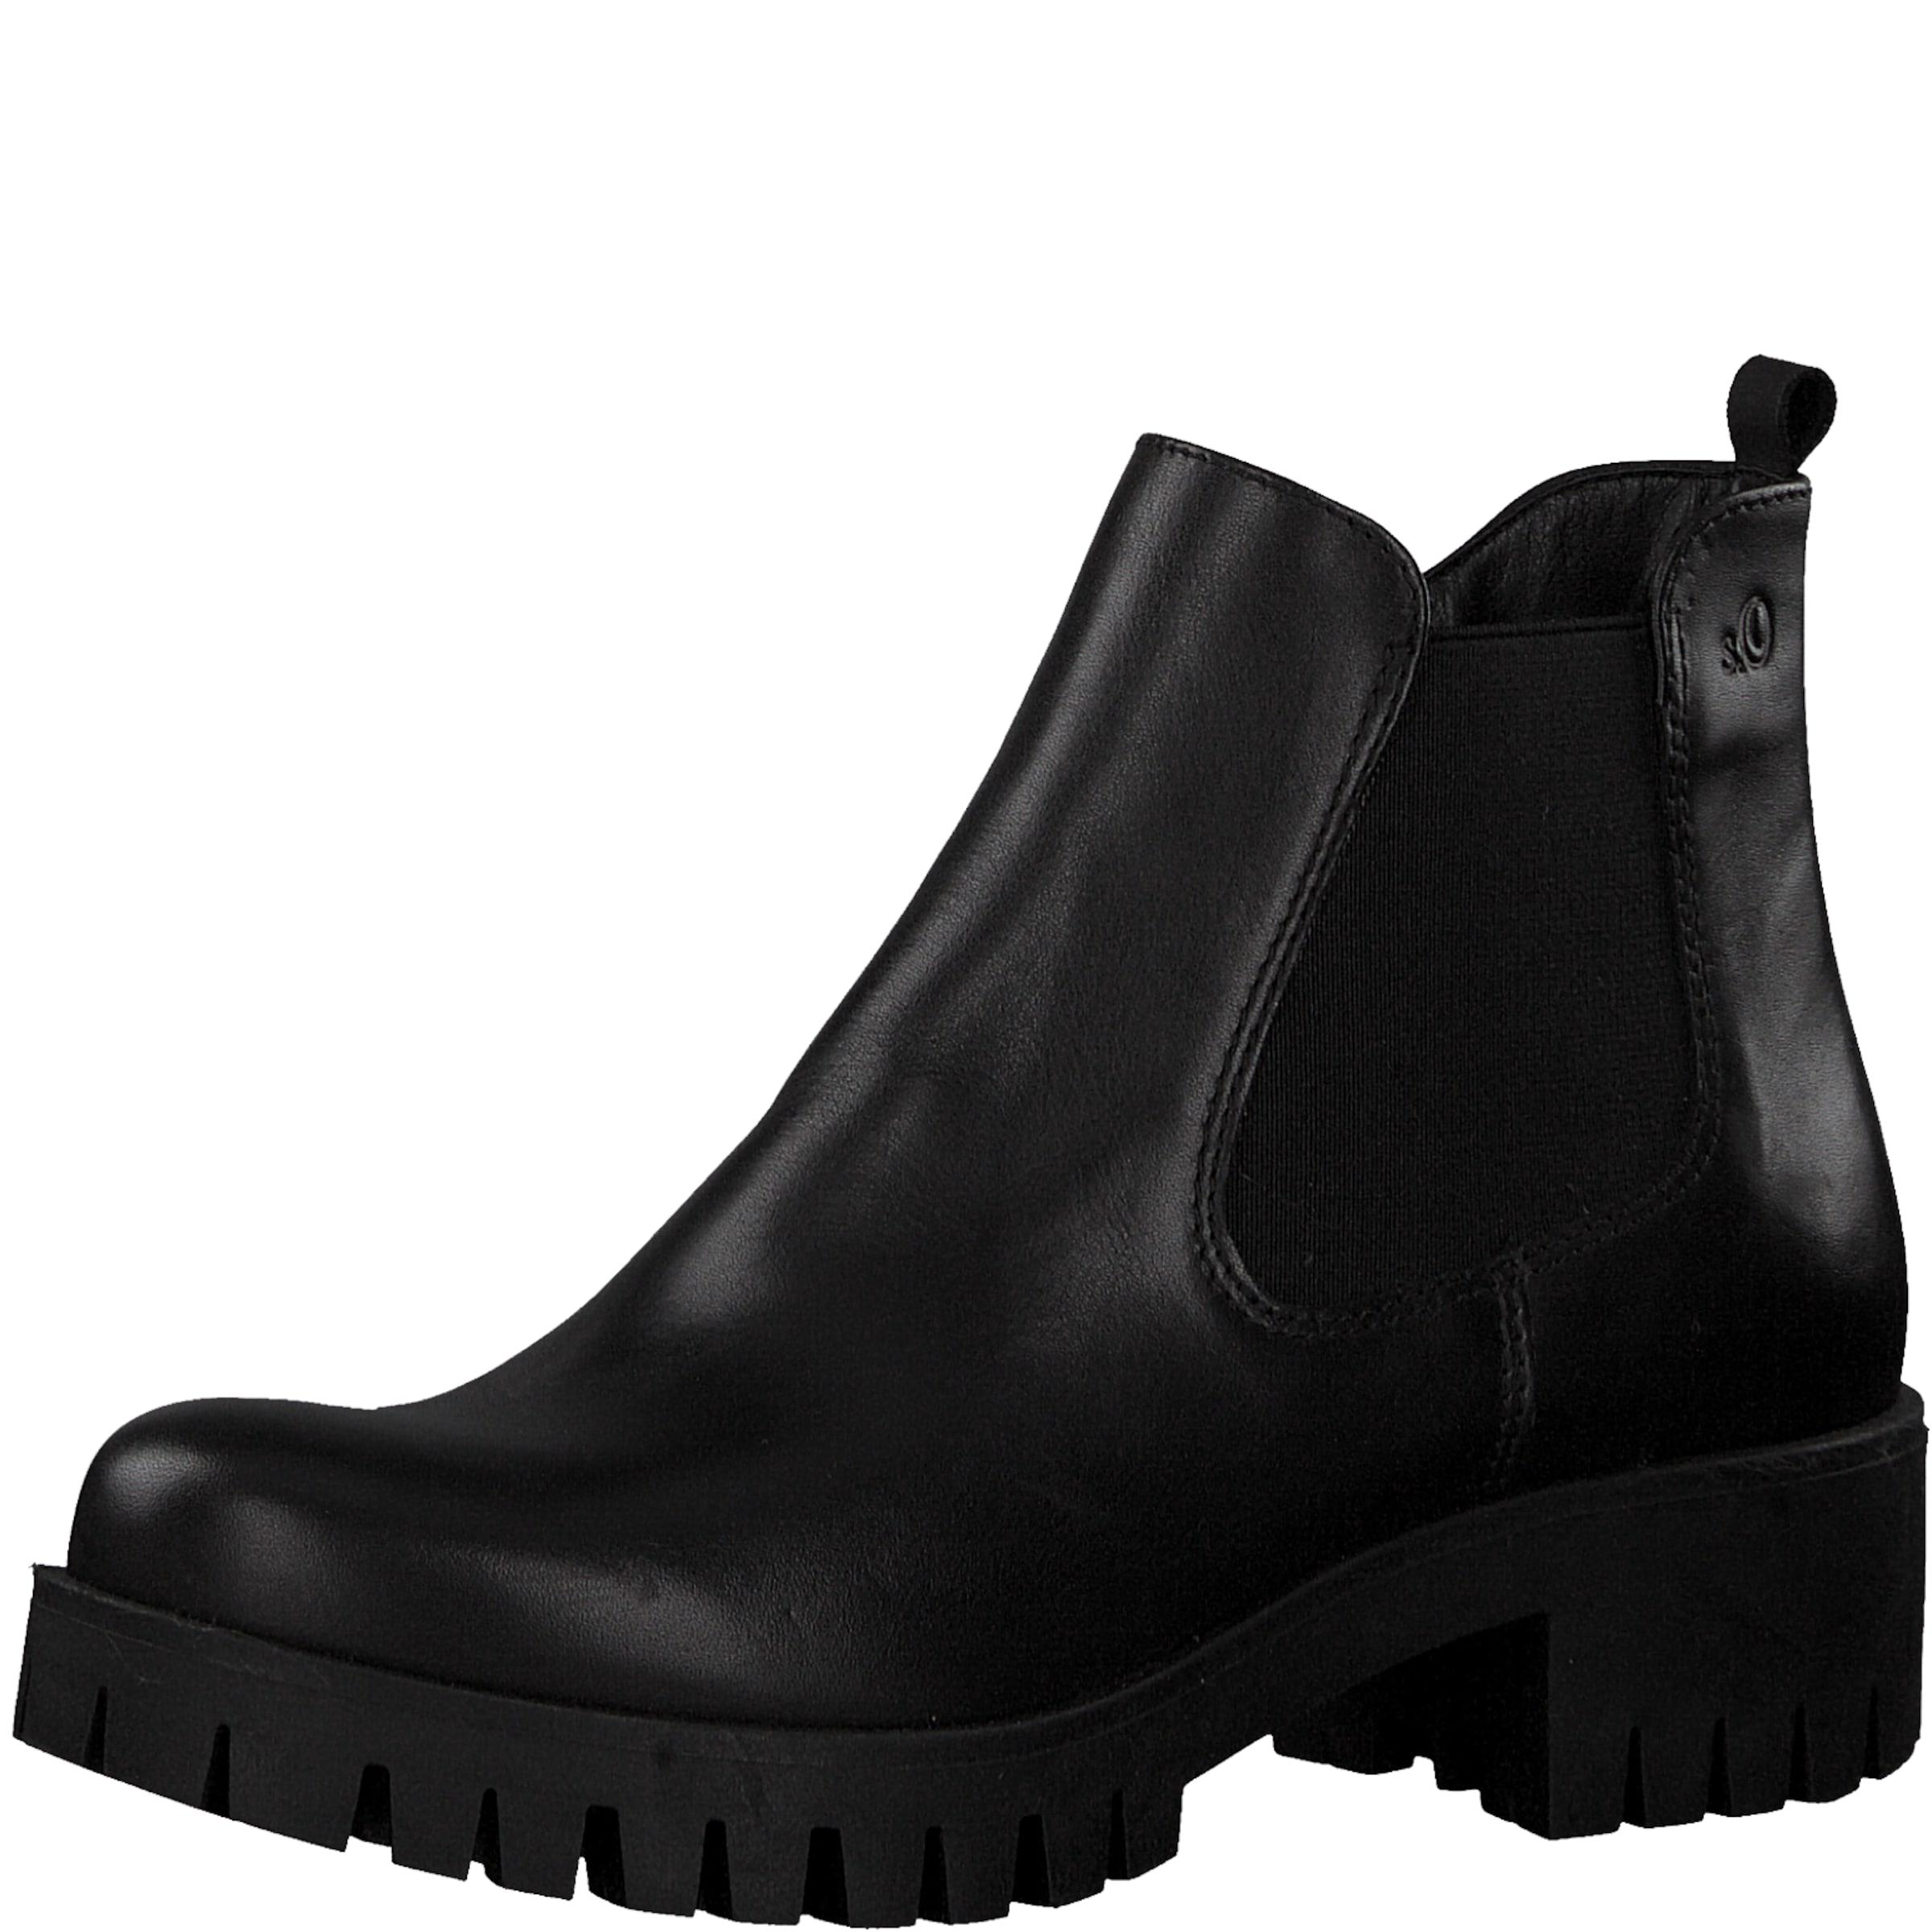 s.Oliver RED LABEL Chelsea-Boots Günstige und langlebige Schuhe Schuhe langlebige aa1a7d